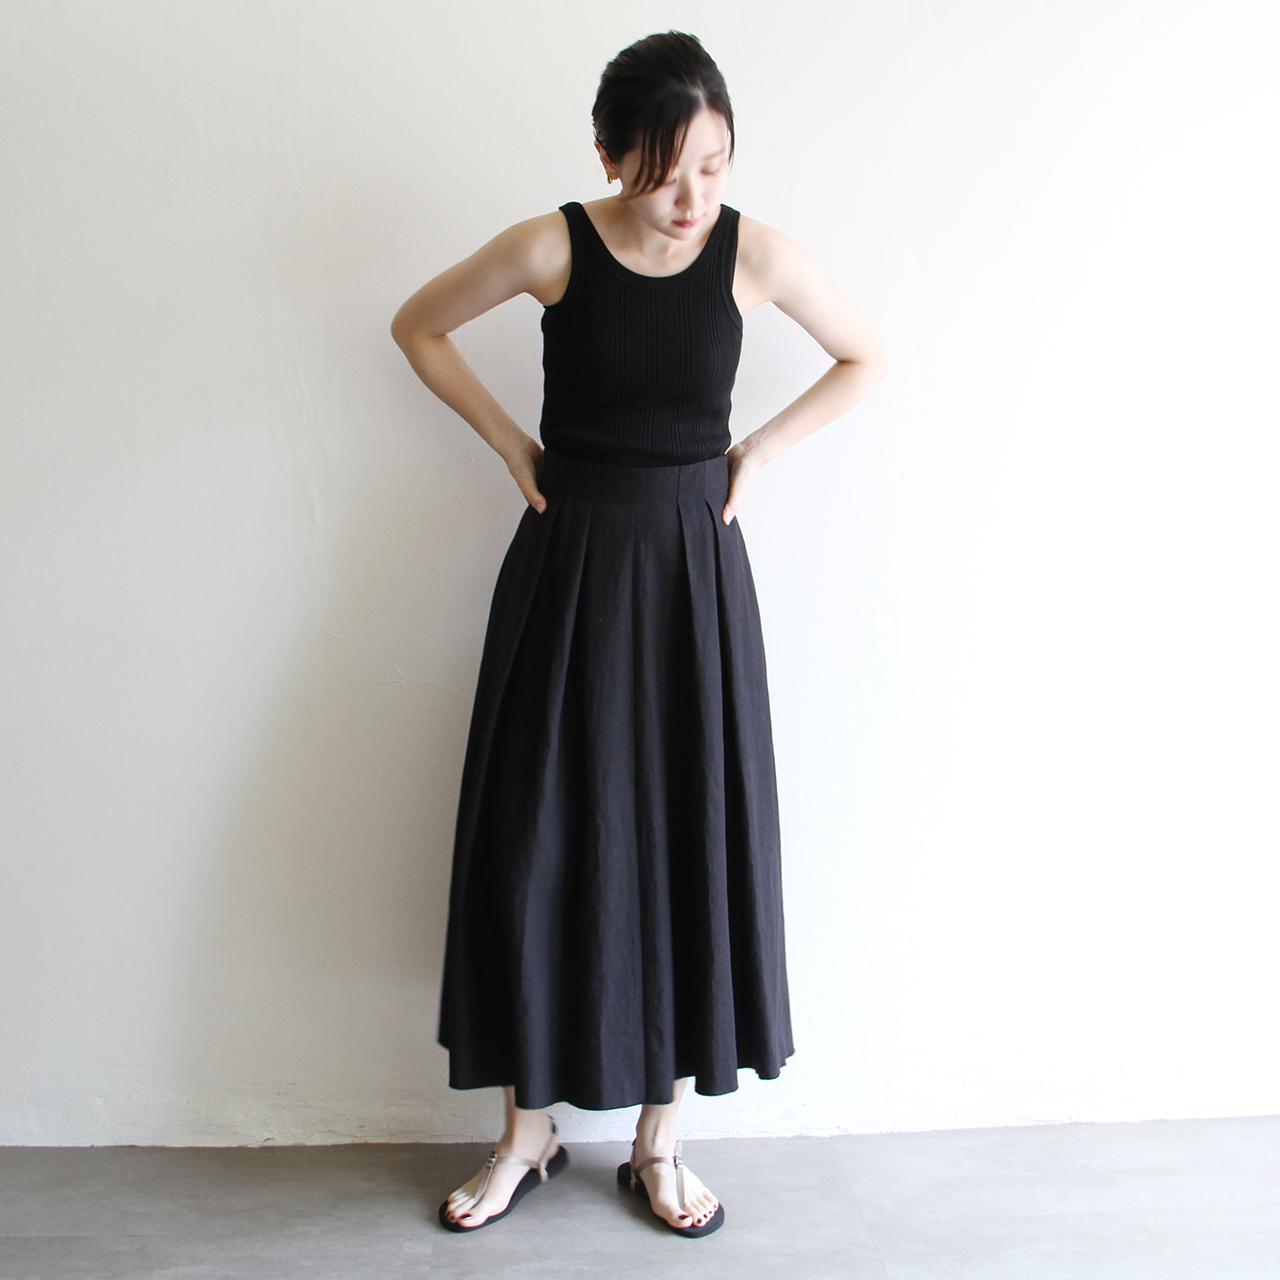 夏のブラックスタイルは肌見せ&シルエット重視で!